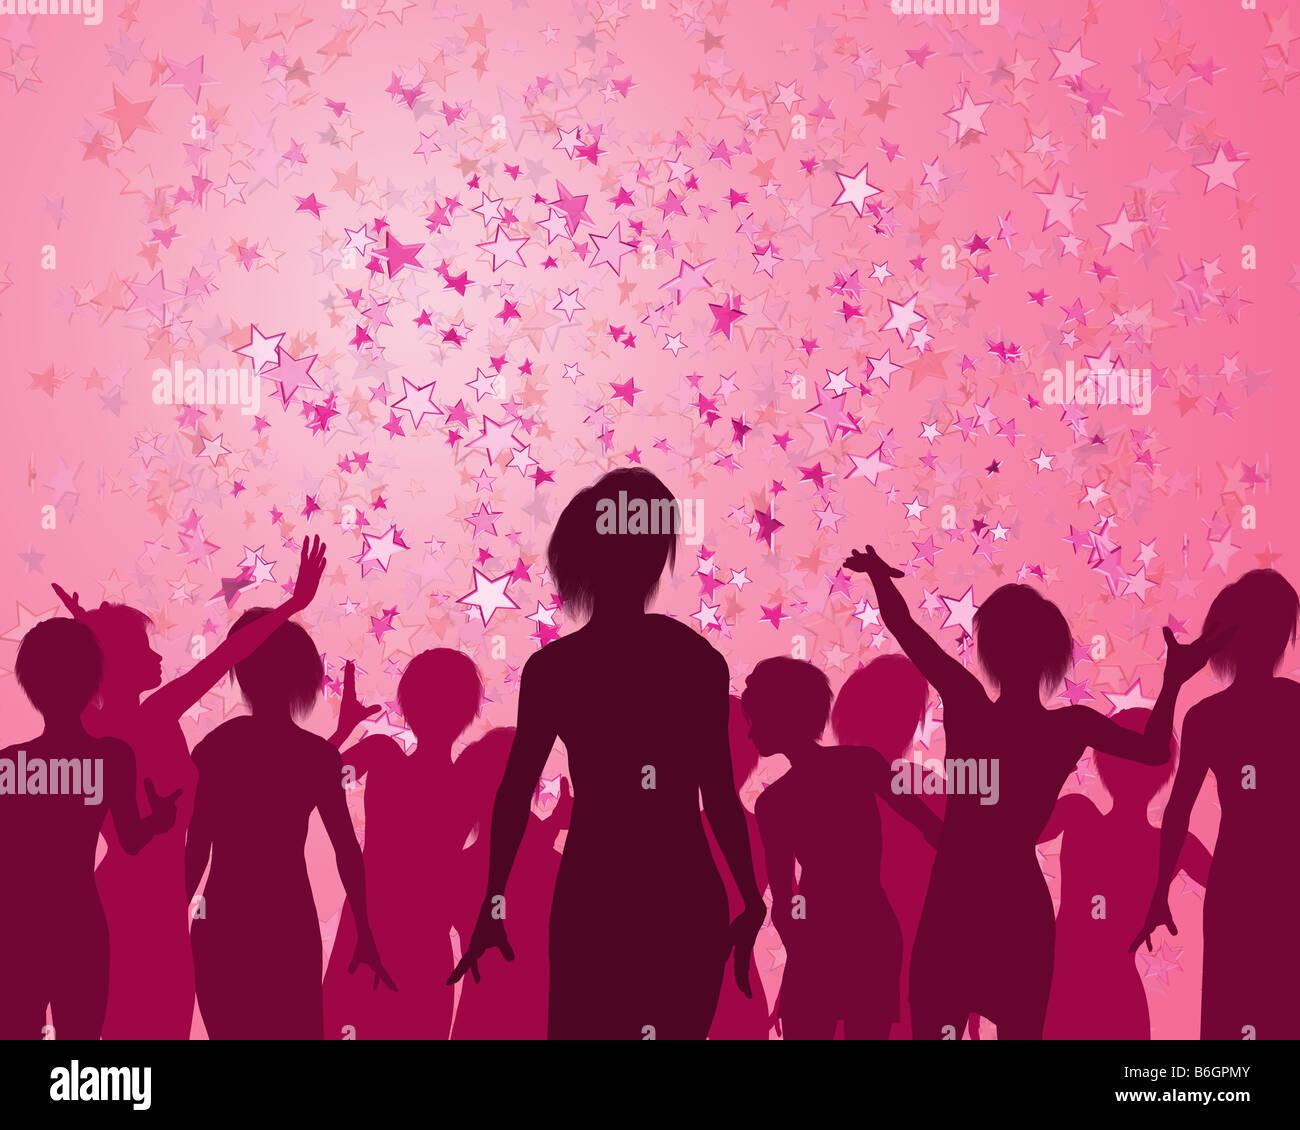 Illustrazione di un ragazze godendo di un favoloso party Immagini Stock